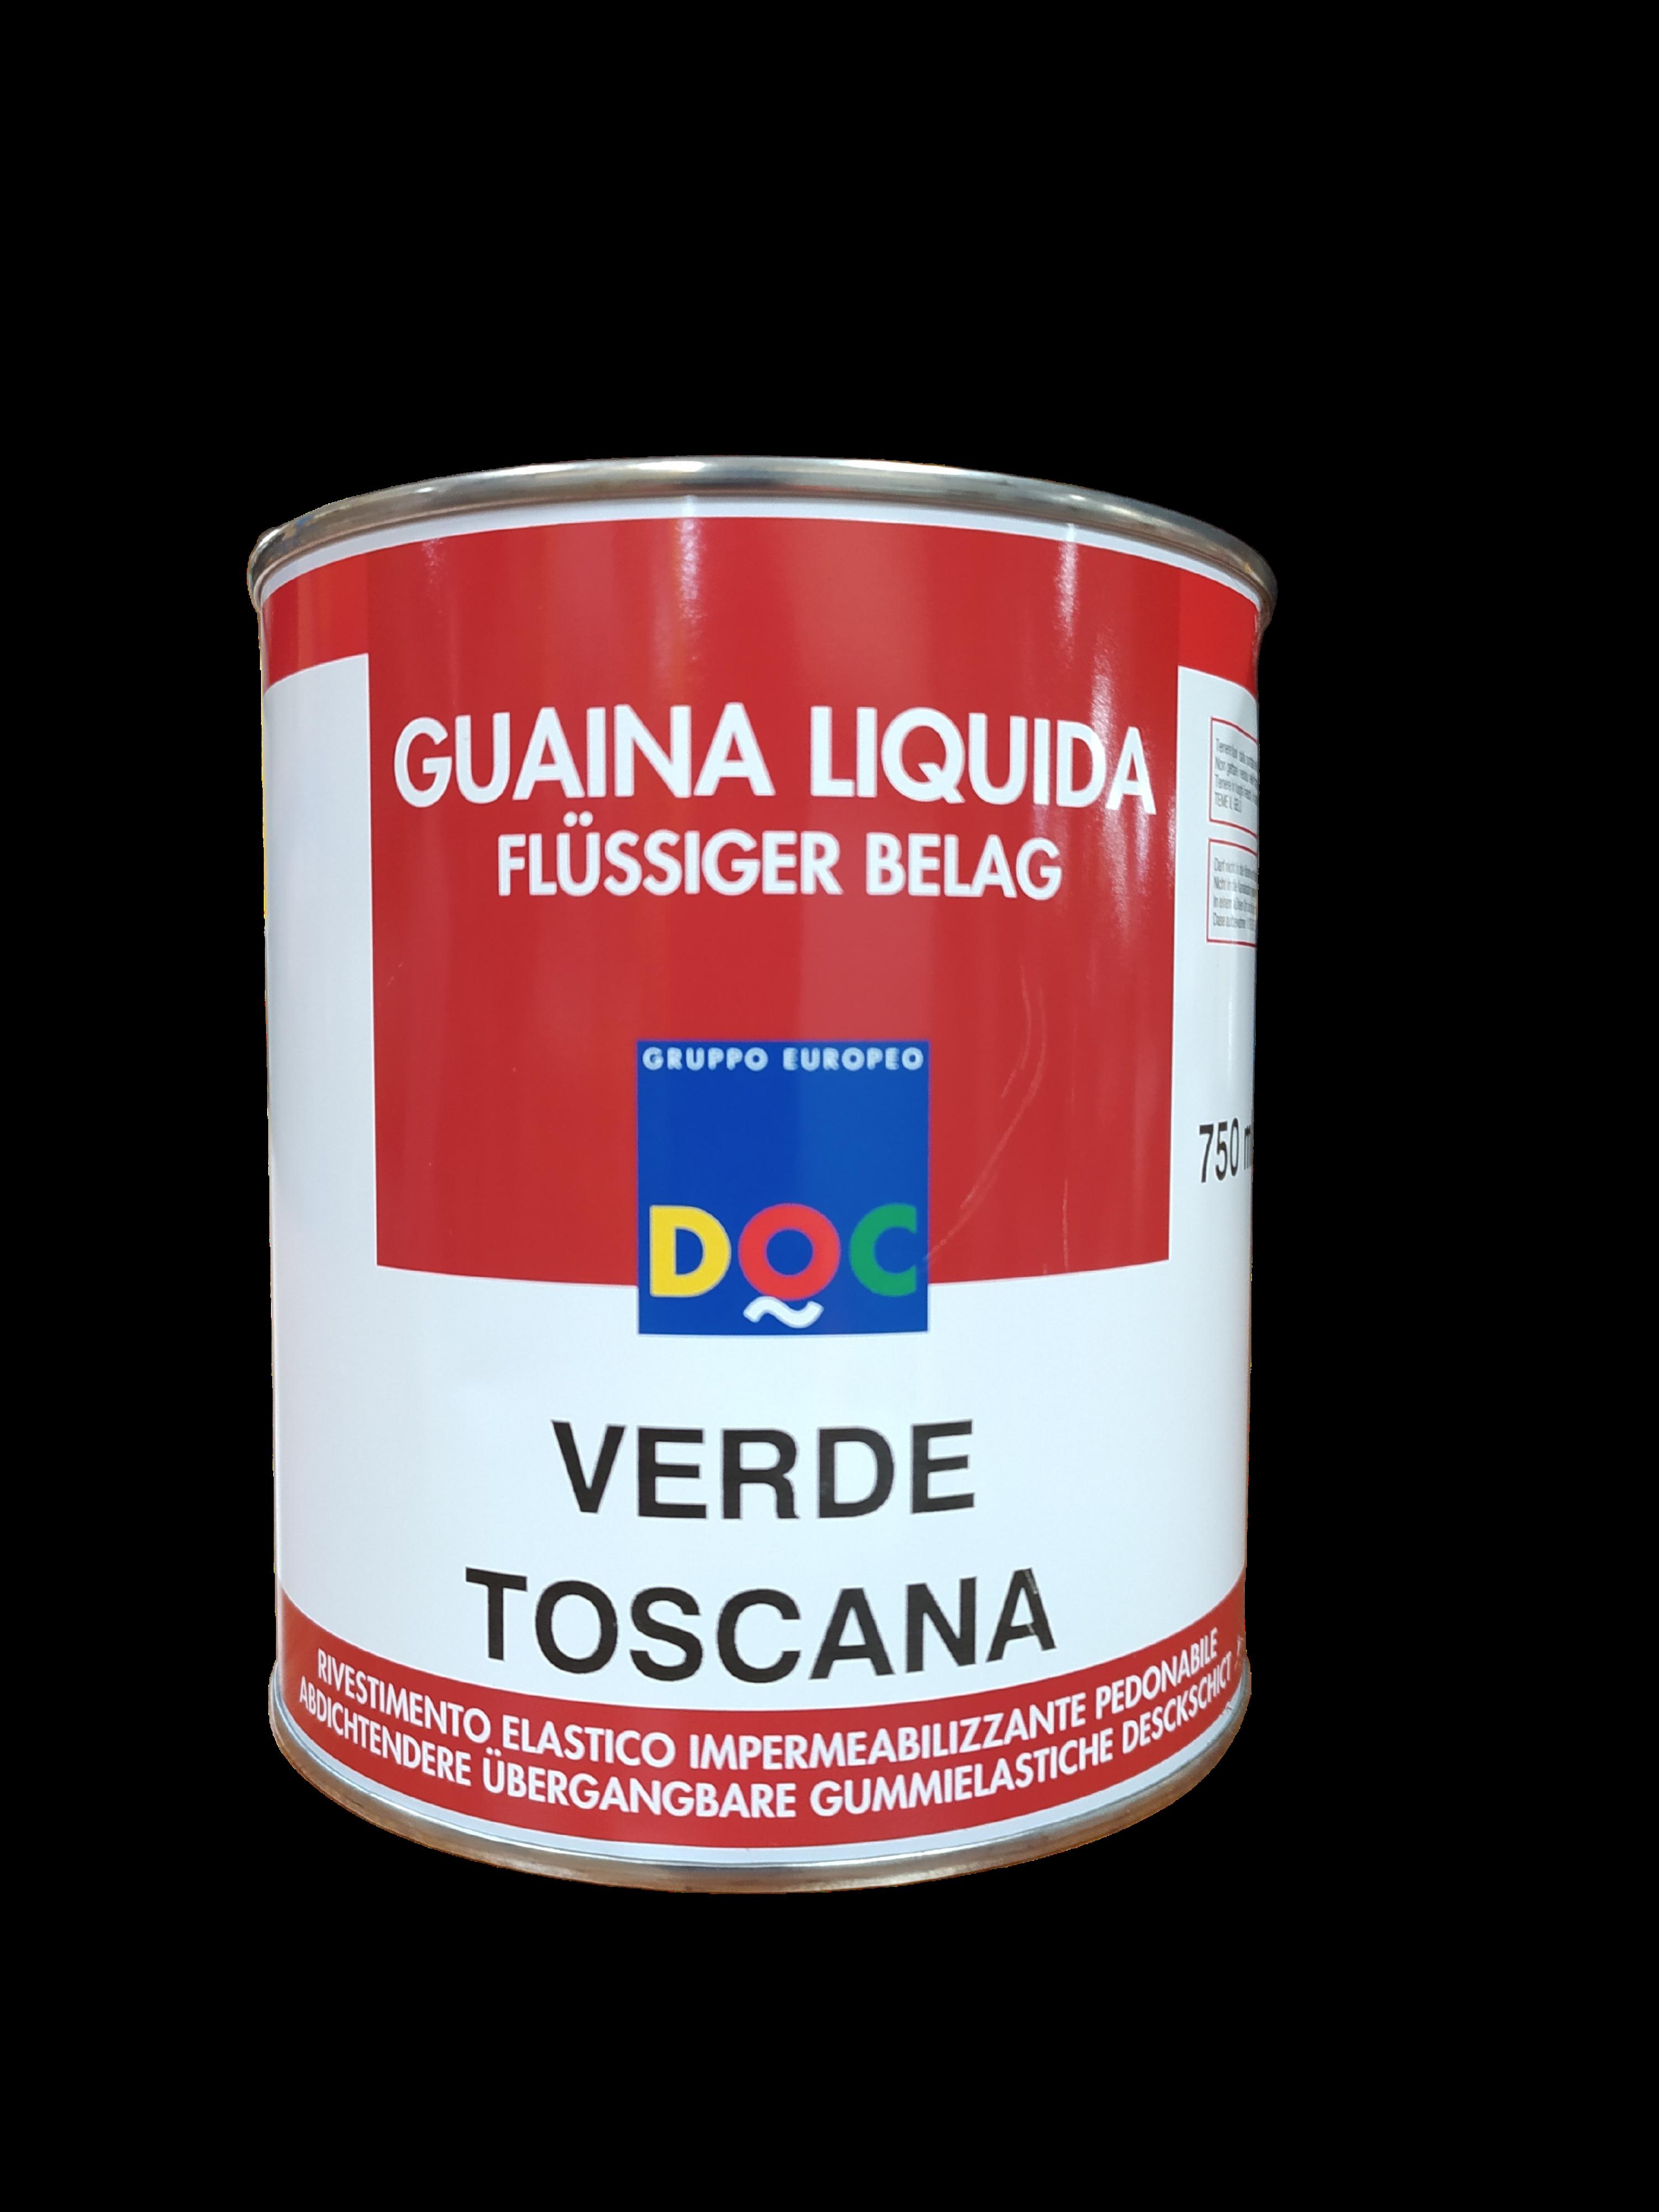 GUAINA LIQUIDA PEDONABILE VERDE TOSCANA 750ML DOC